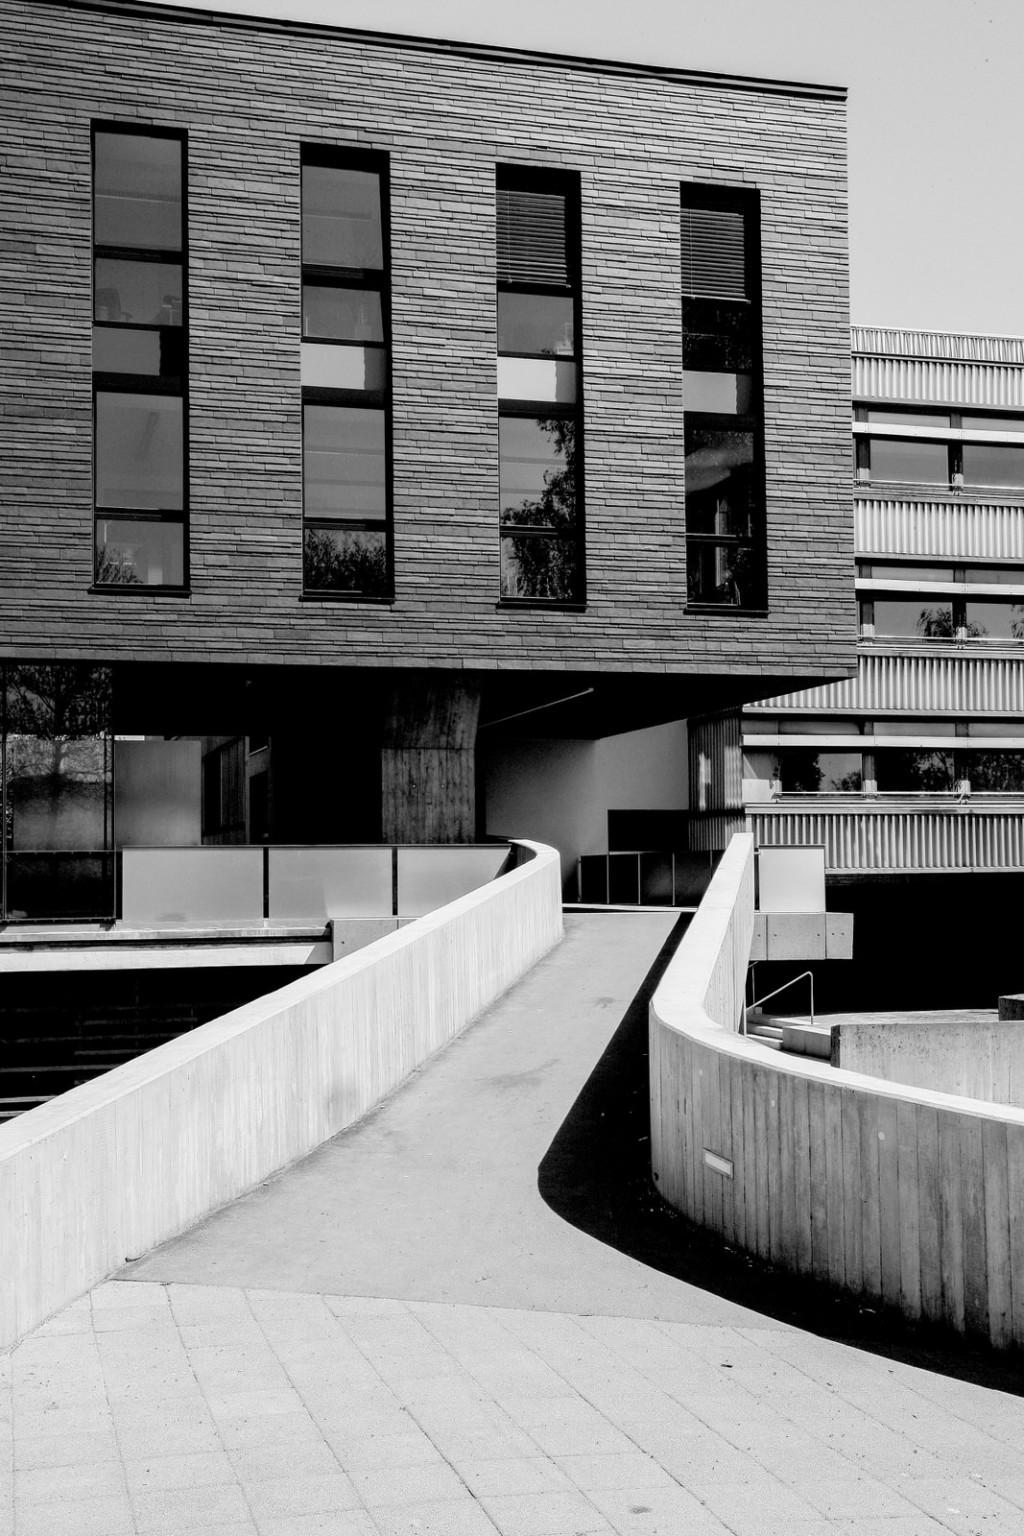 Architekten Friedrichshafen hildebrand schwarz architekten friedrichshafen